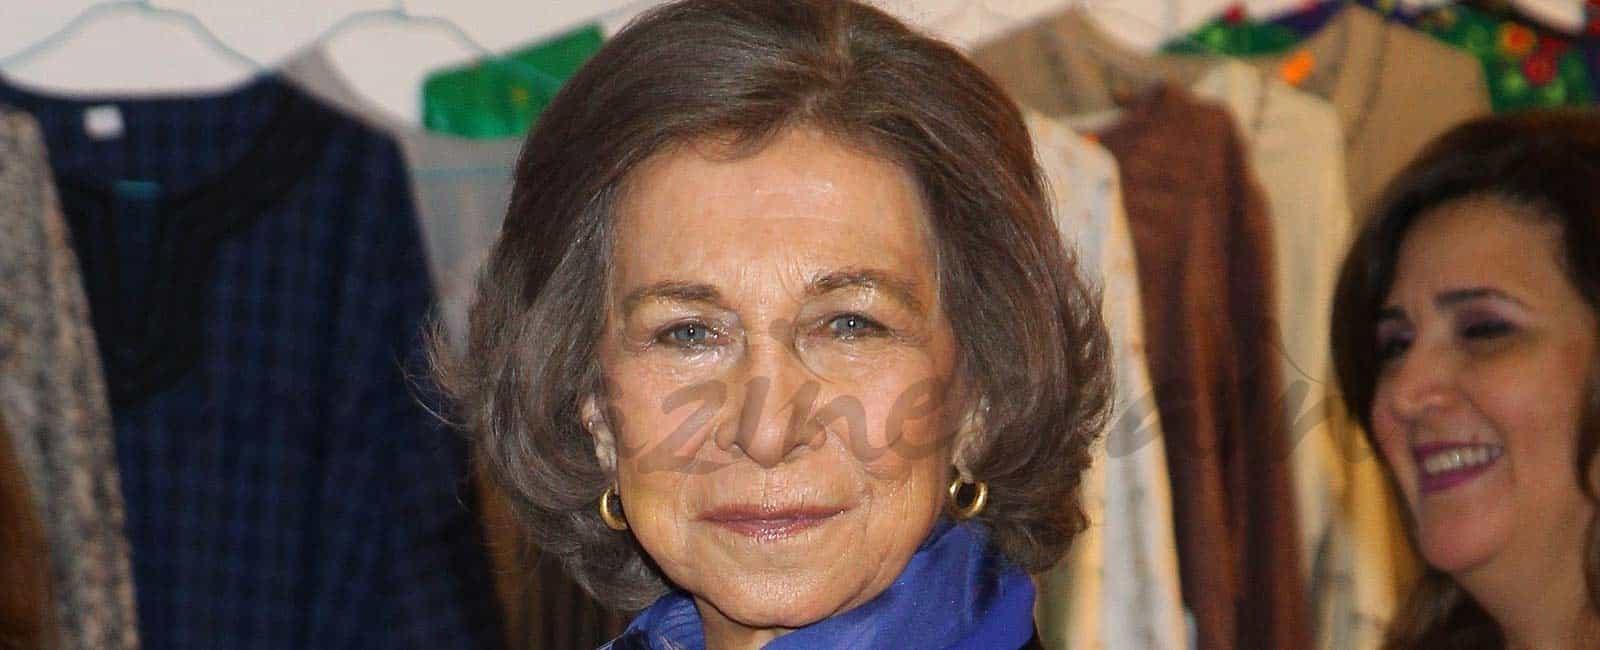 La reina Sofía en el rastrillo solidario